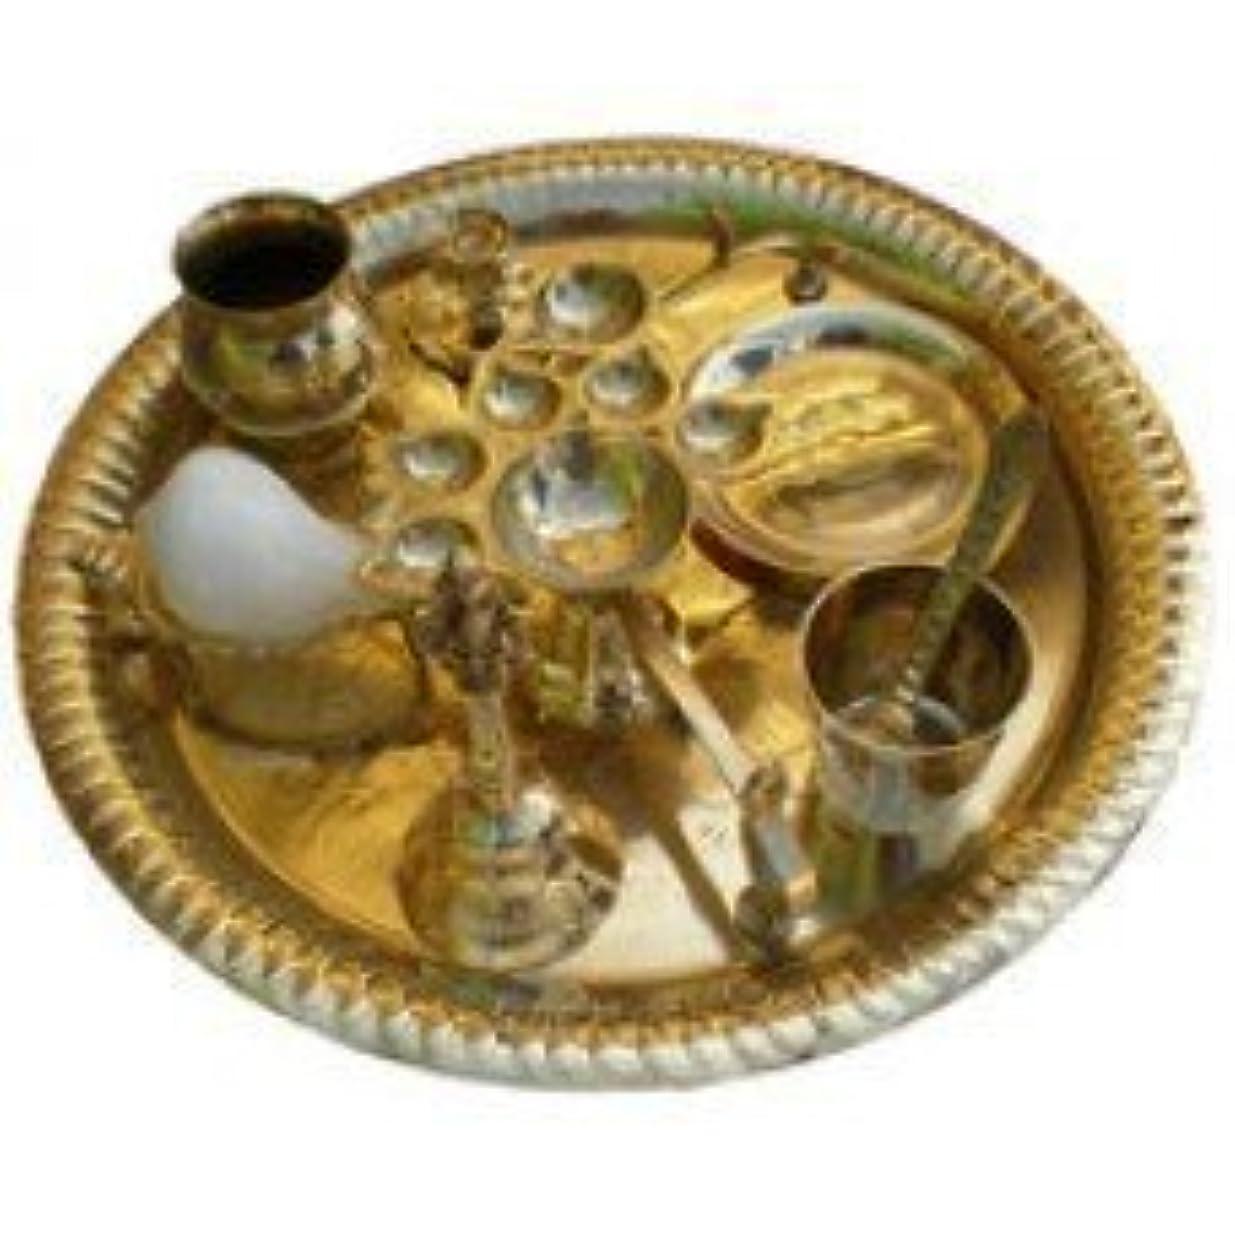 ベアリング多年生ペレットAarti Set (tray with Bell, Incense Holder, Flower Tray, Conch, Ghee Lamps)